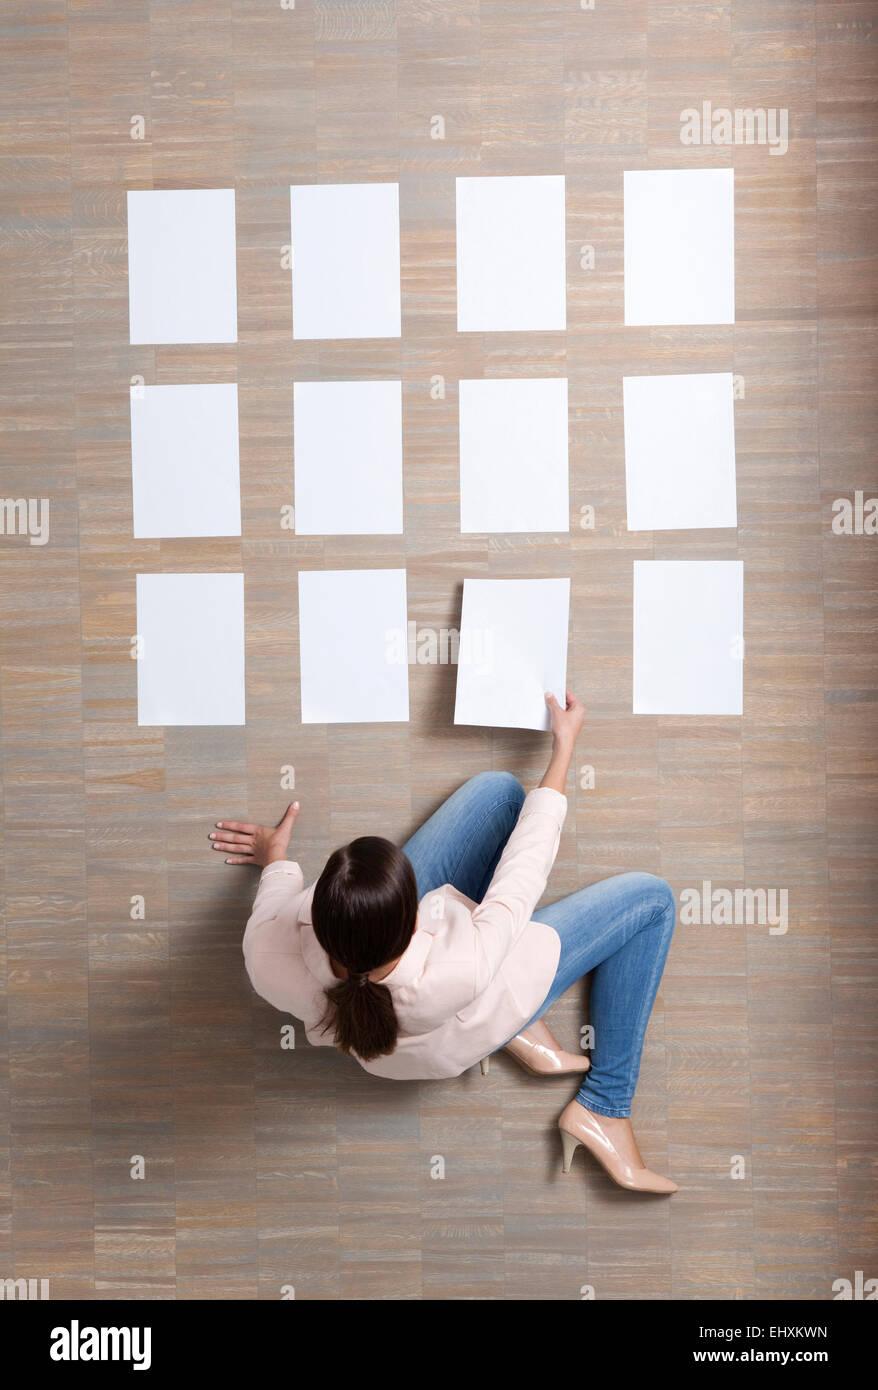 Imprenditrice seduta sul pavimento organizzando dei fogli bianchi Immagini Stock